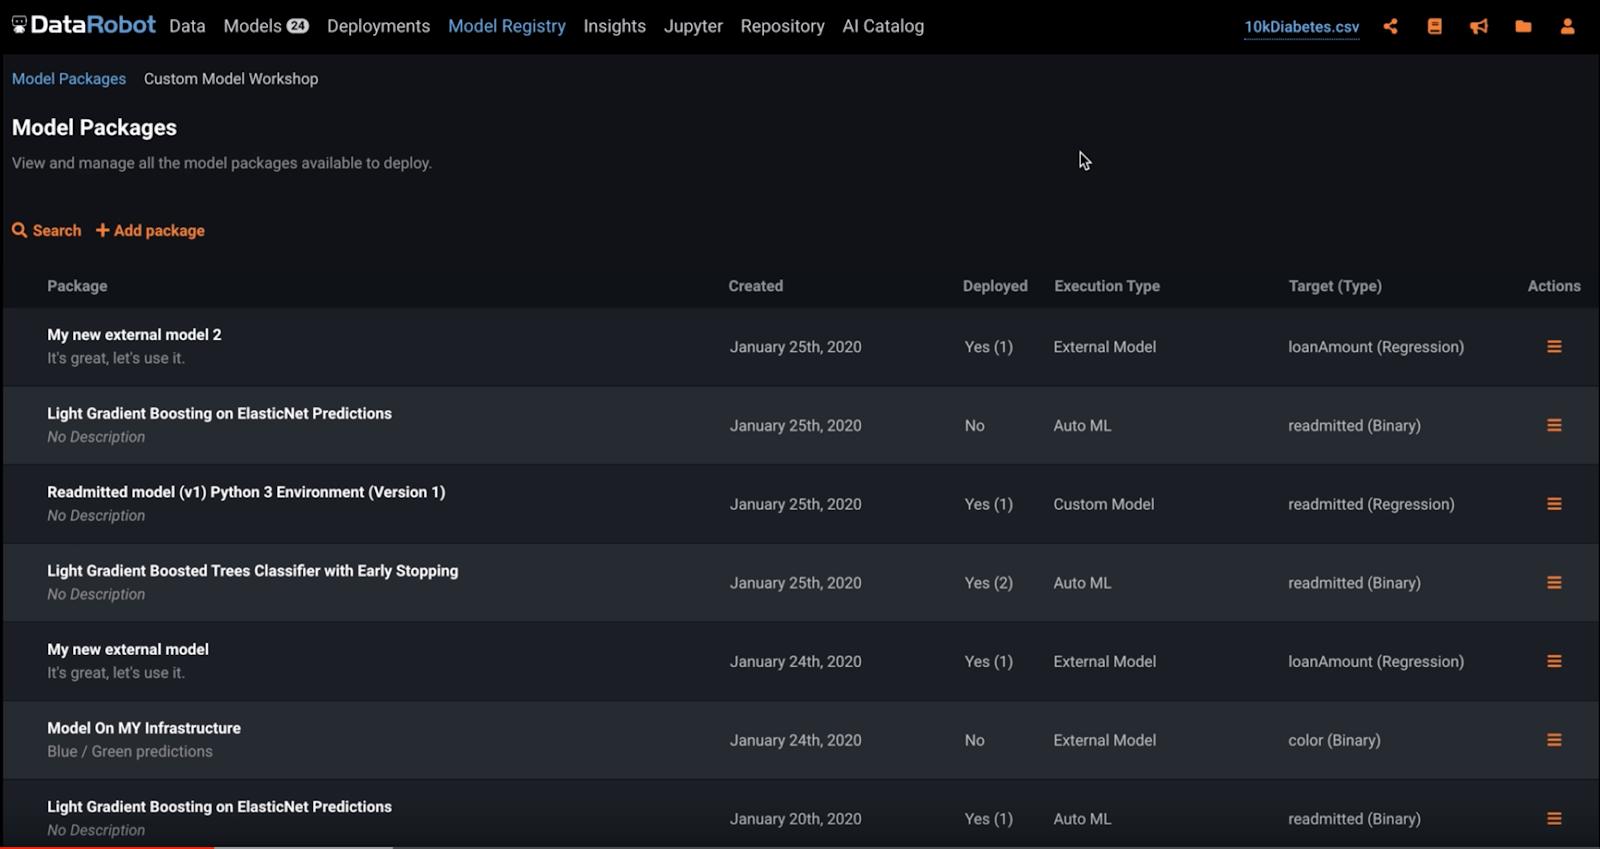 Model Registry Screen